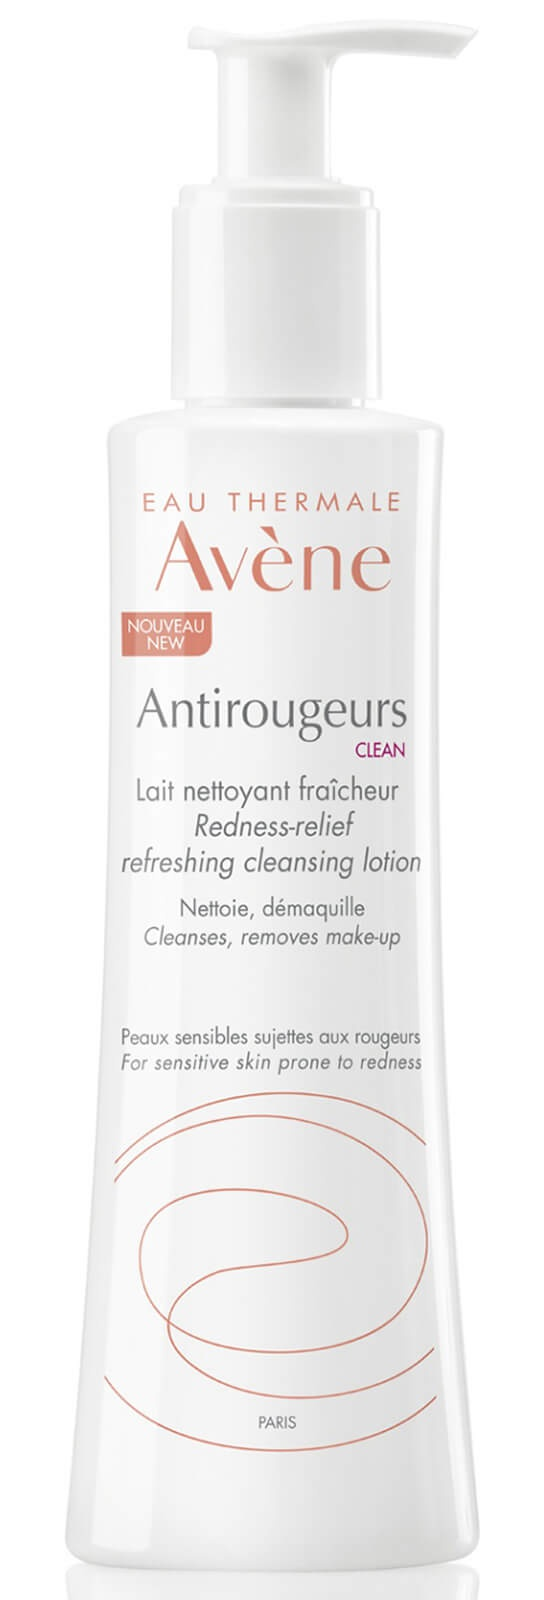 Avene Antirougeurs Clean Cleanser